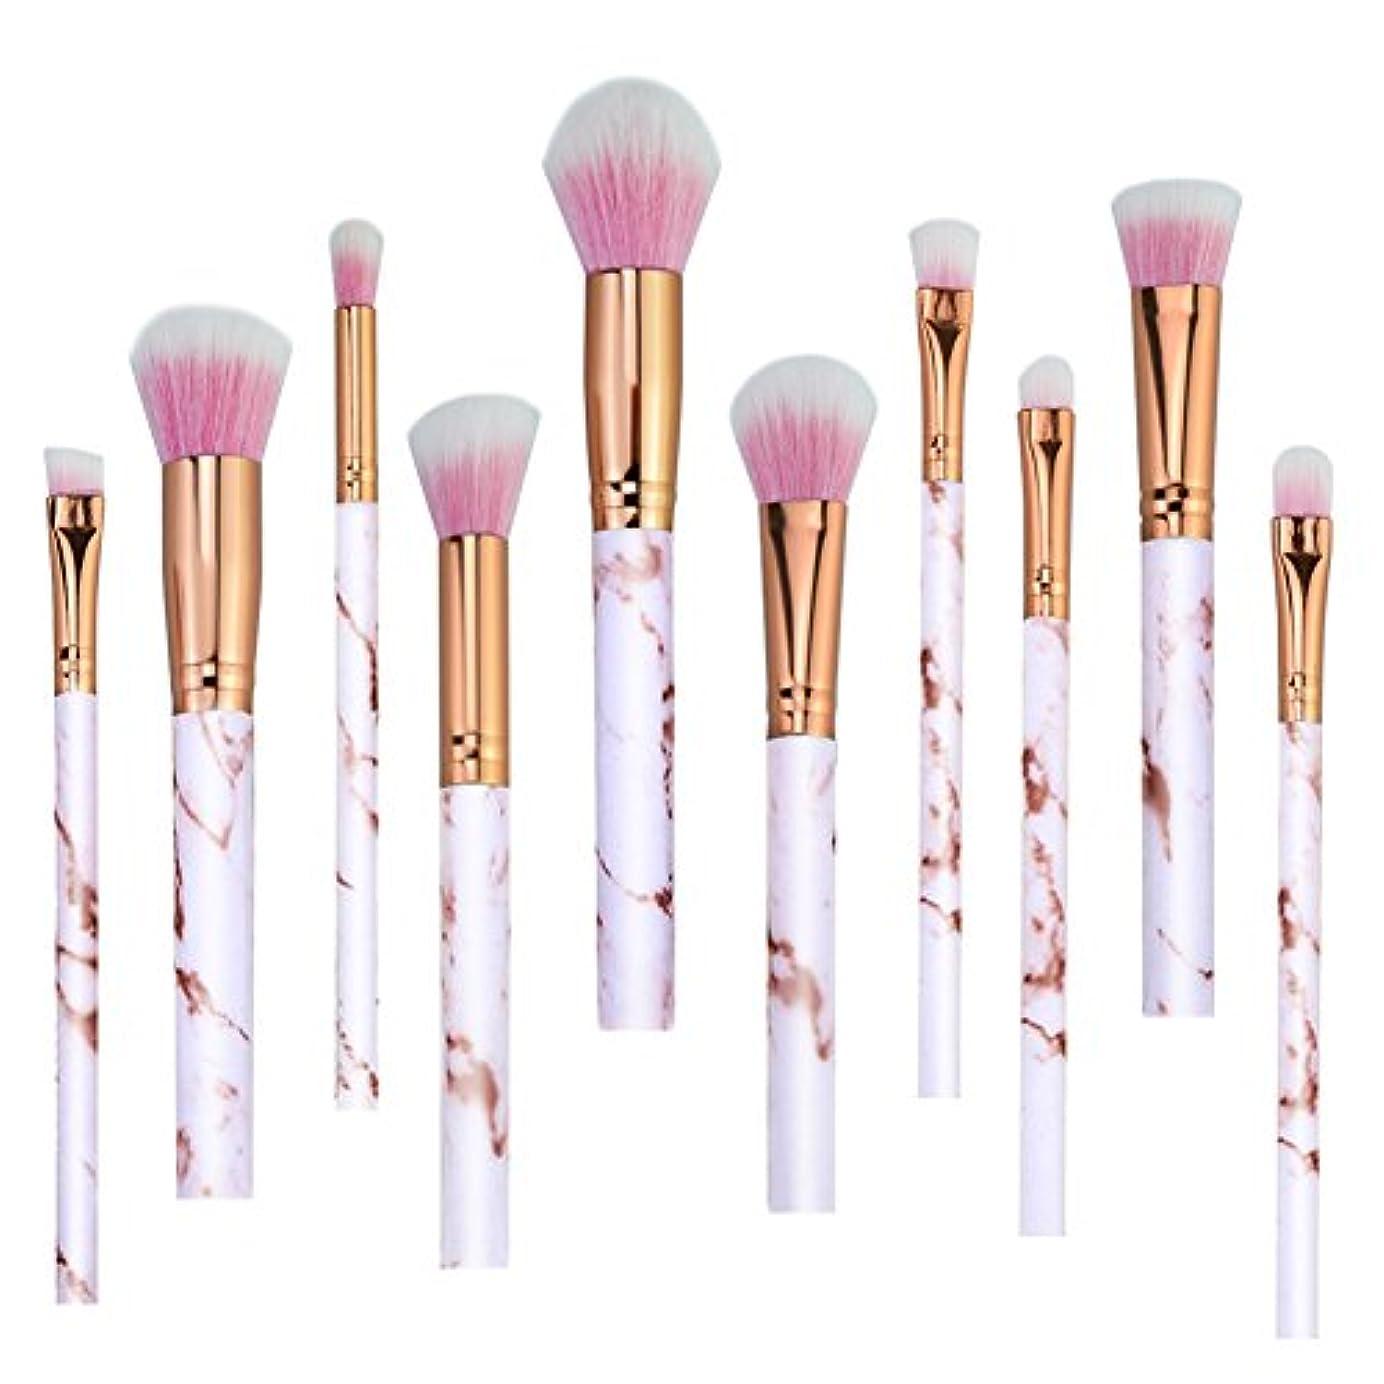 取り壊す報奨金敬QIAONAI 10本 化粧筆 メイクアップブラシセット プロ 化粧ブラシ 化粧筆 コスメブラシ タイル模様 上品 パウダー アイシャドー 多機能化粧ブラシ 綺麗 ピンク